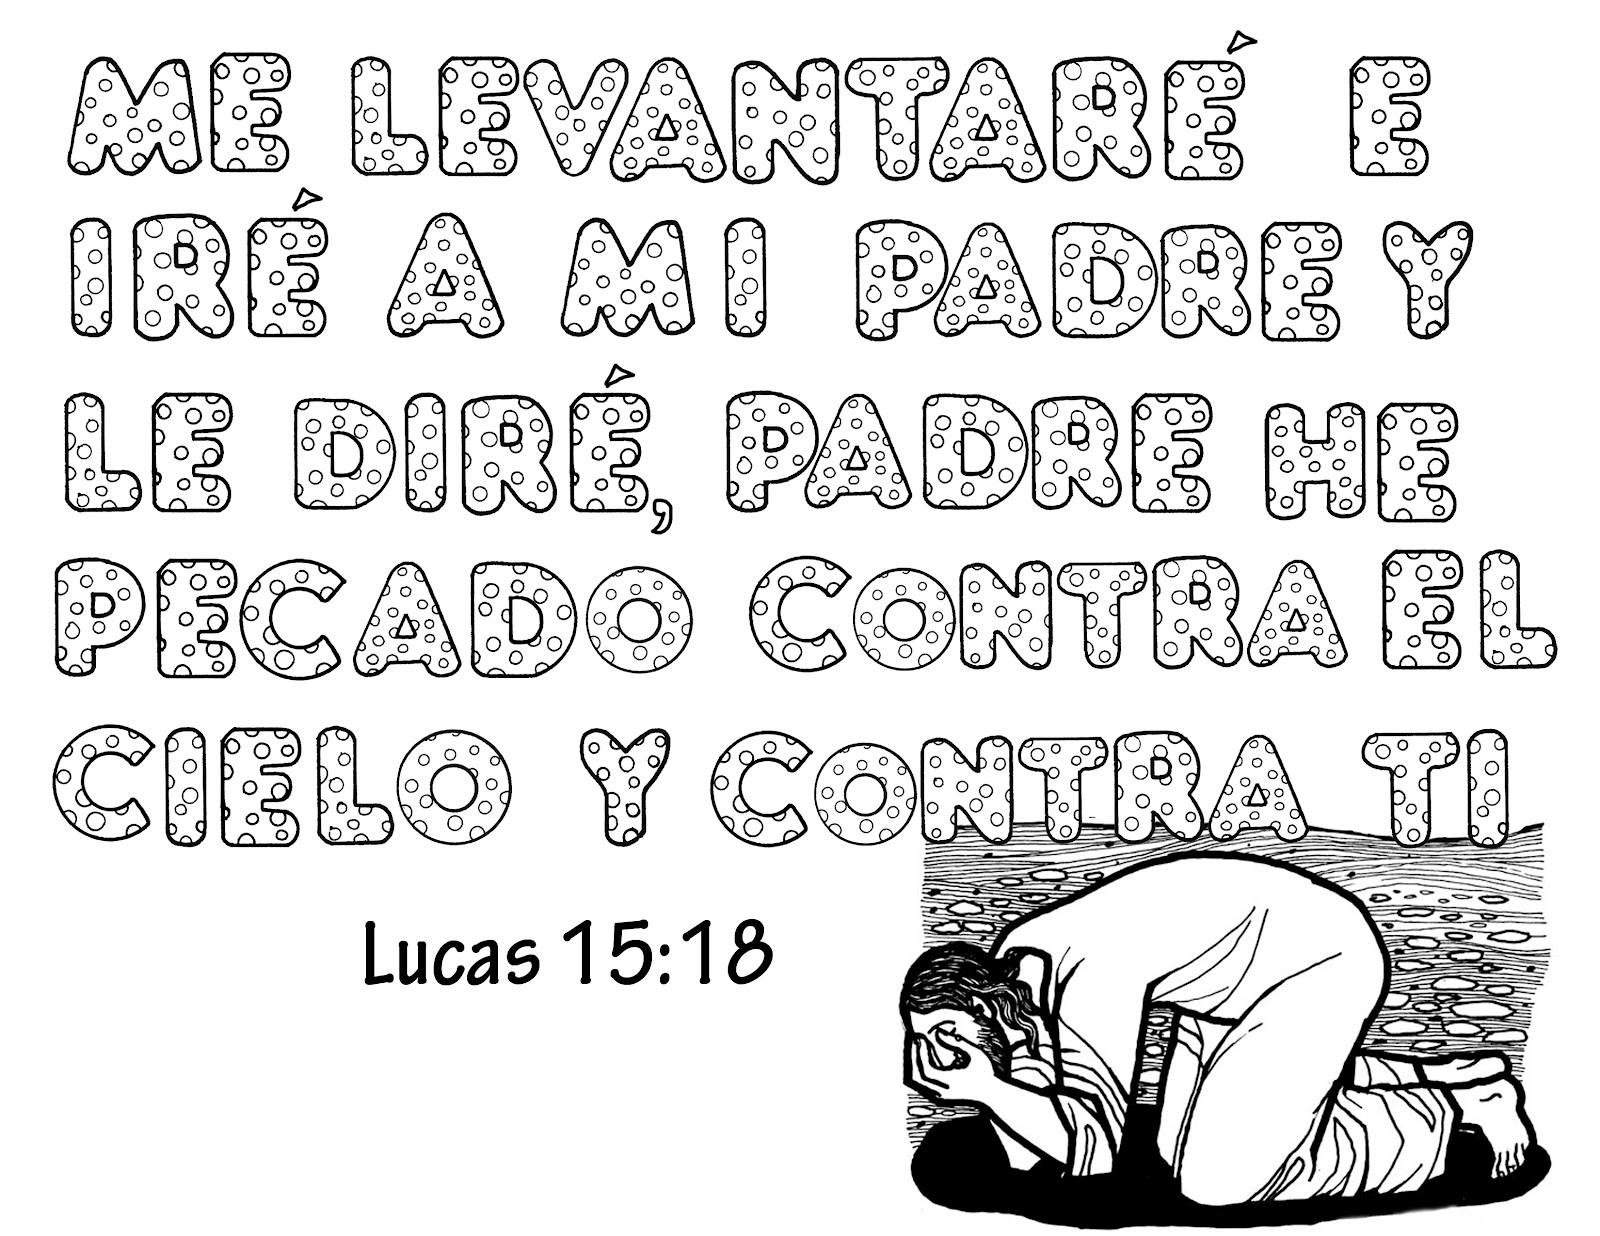 Dibujo De La Palabra Otoño Para Colorear Con Los Niños: TEXTOS BIBLICOS PARA COLOREAR CON DIBUJO